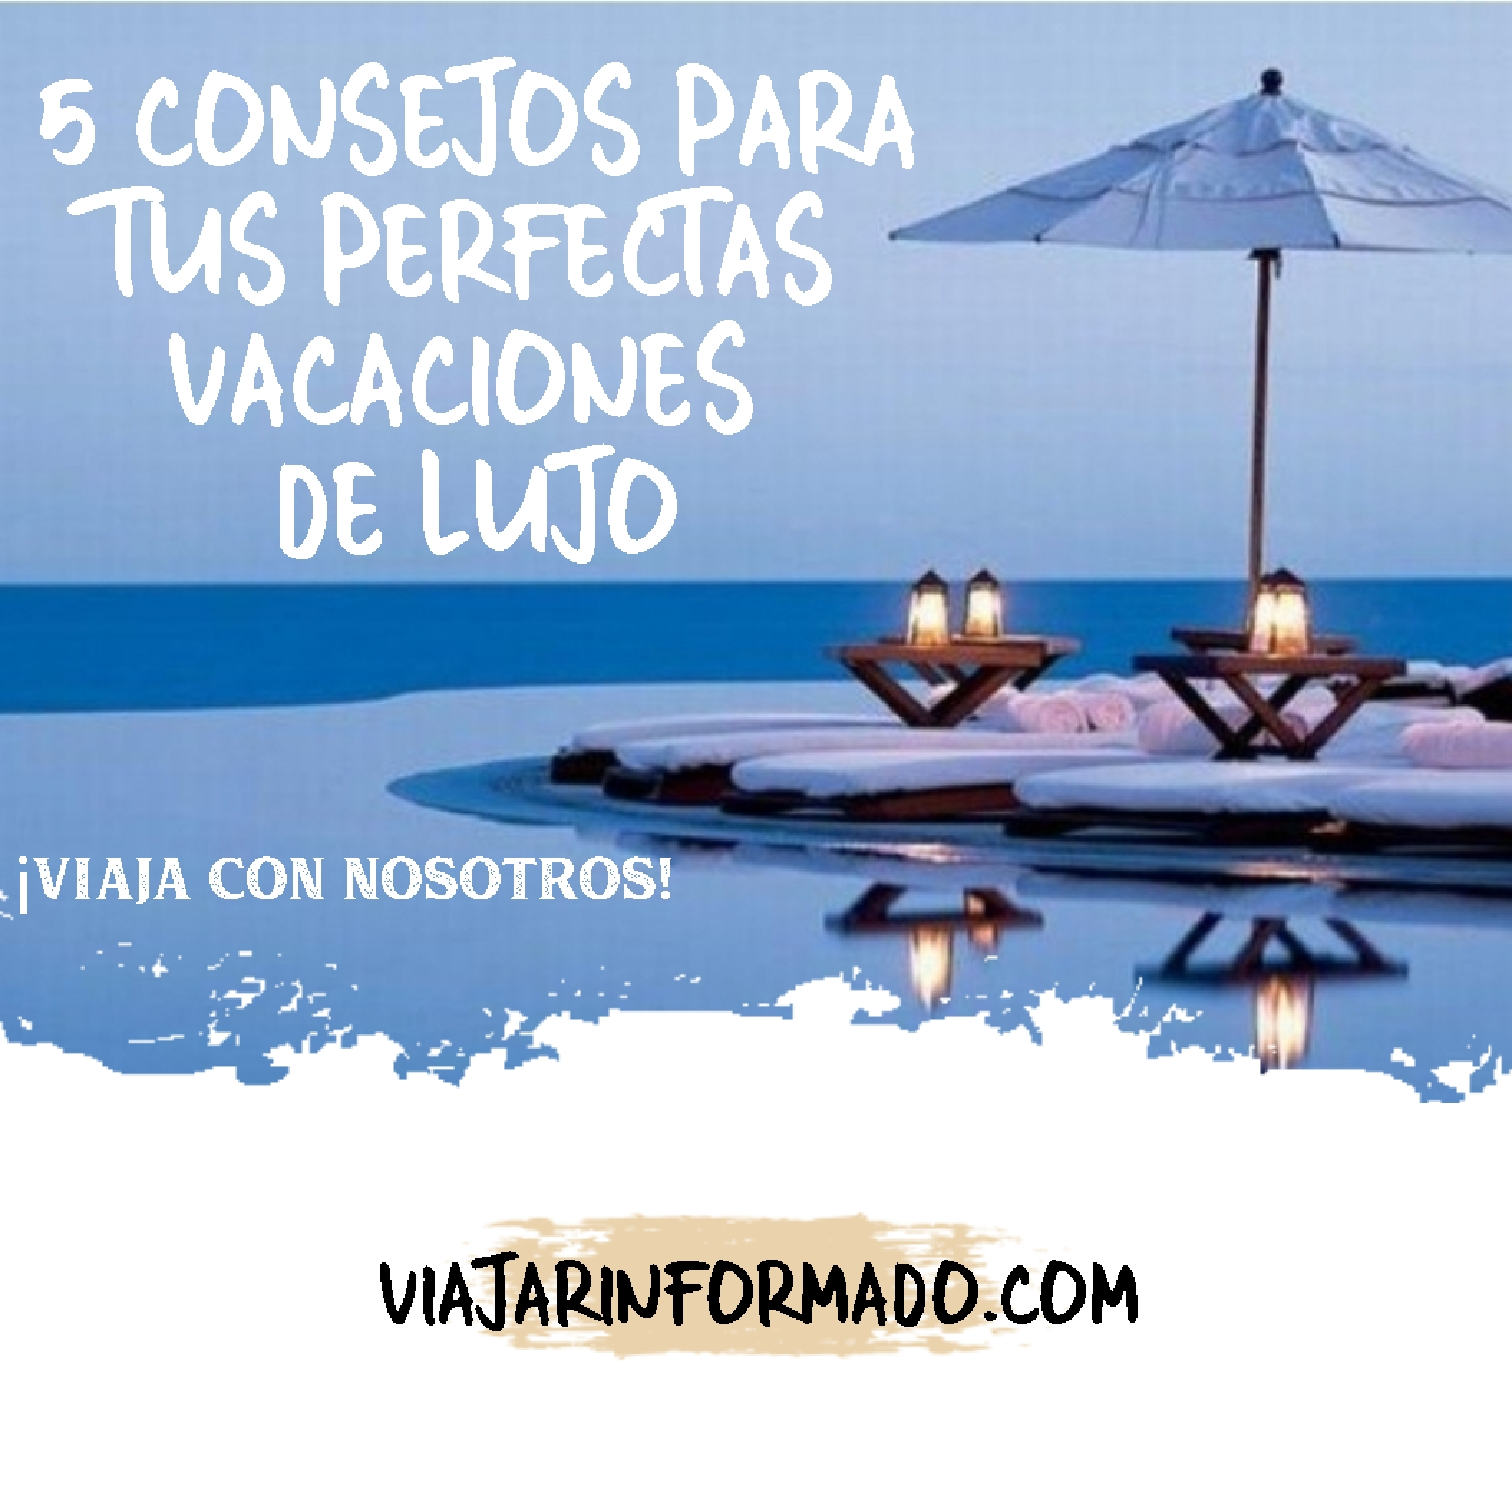 5-consejos-para-tus-perfectas-vacaciones-de-lujo